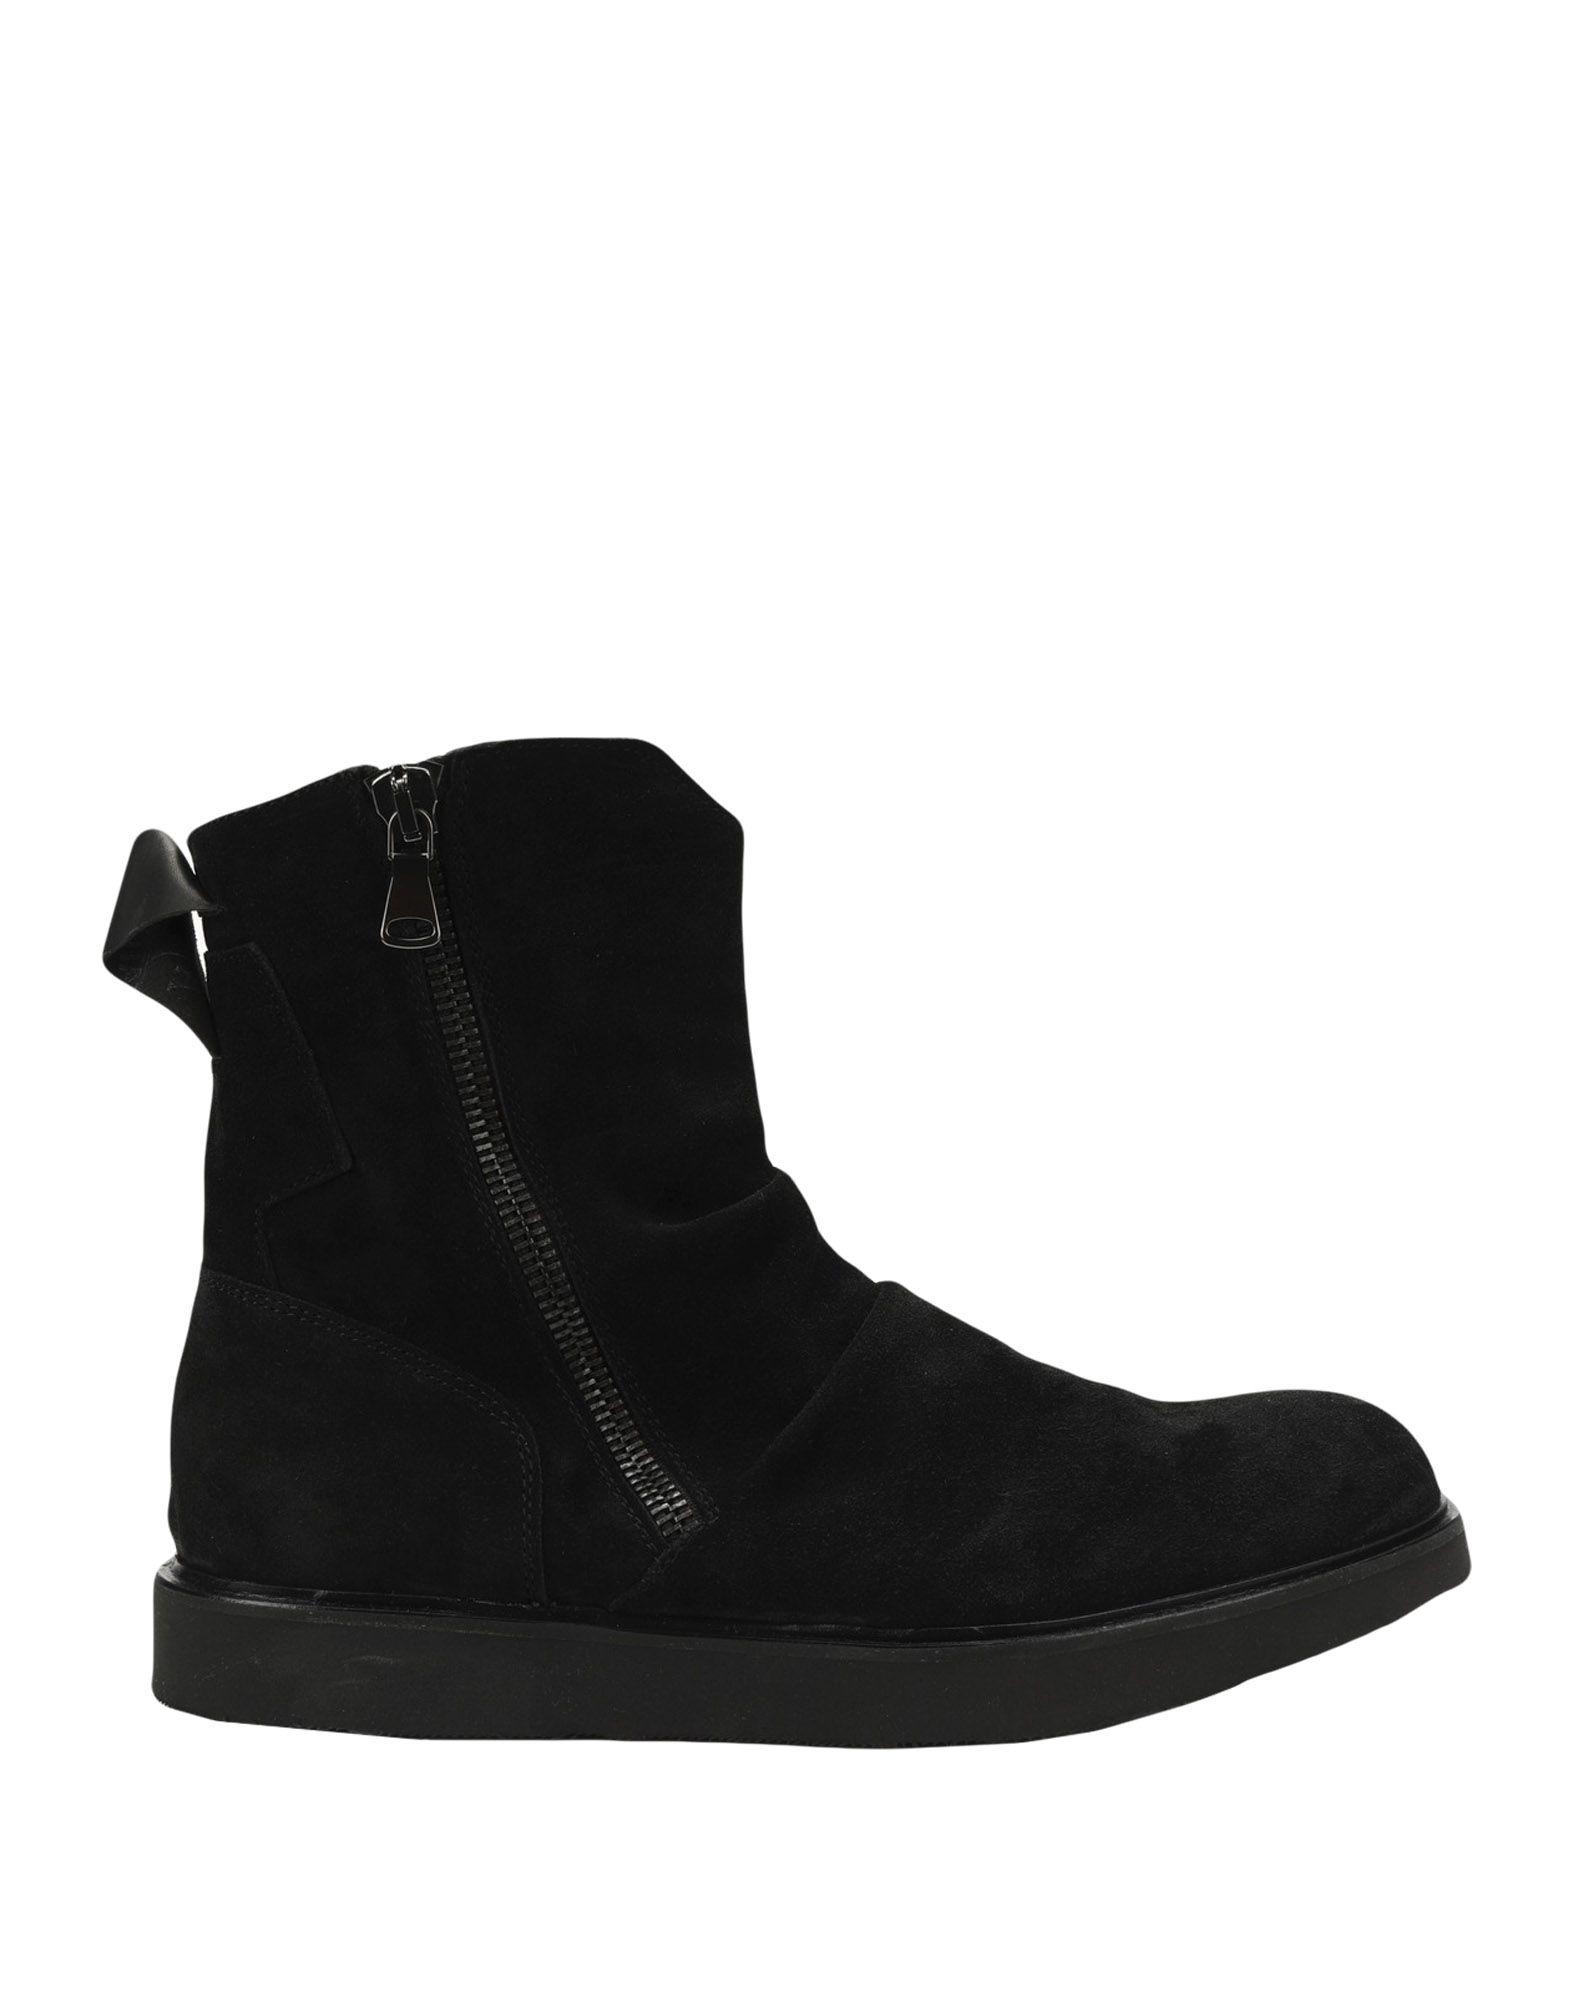 Savio Barbato Stiefelette Herren  11539794RE Gute Qualität beliebte Schuhe